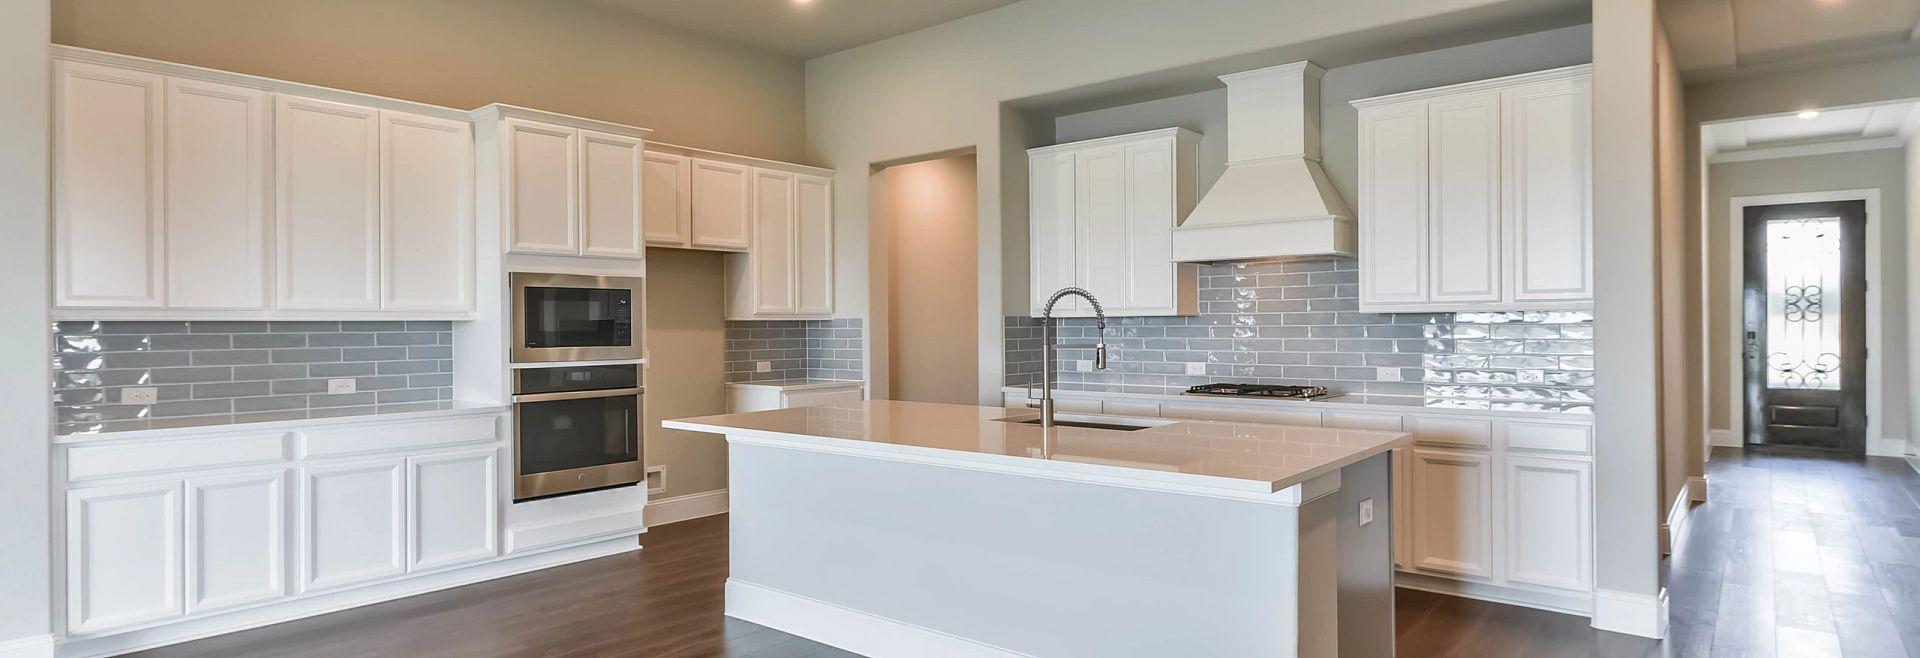 Plan 5039 QMI 3301 Kitchen